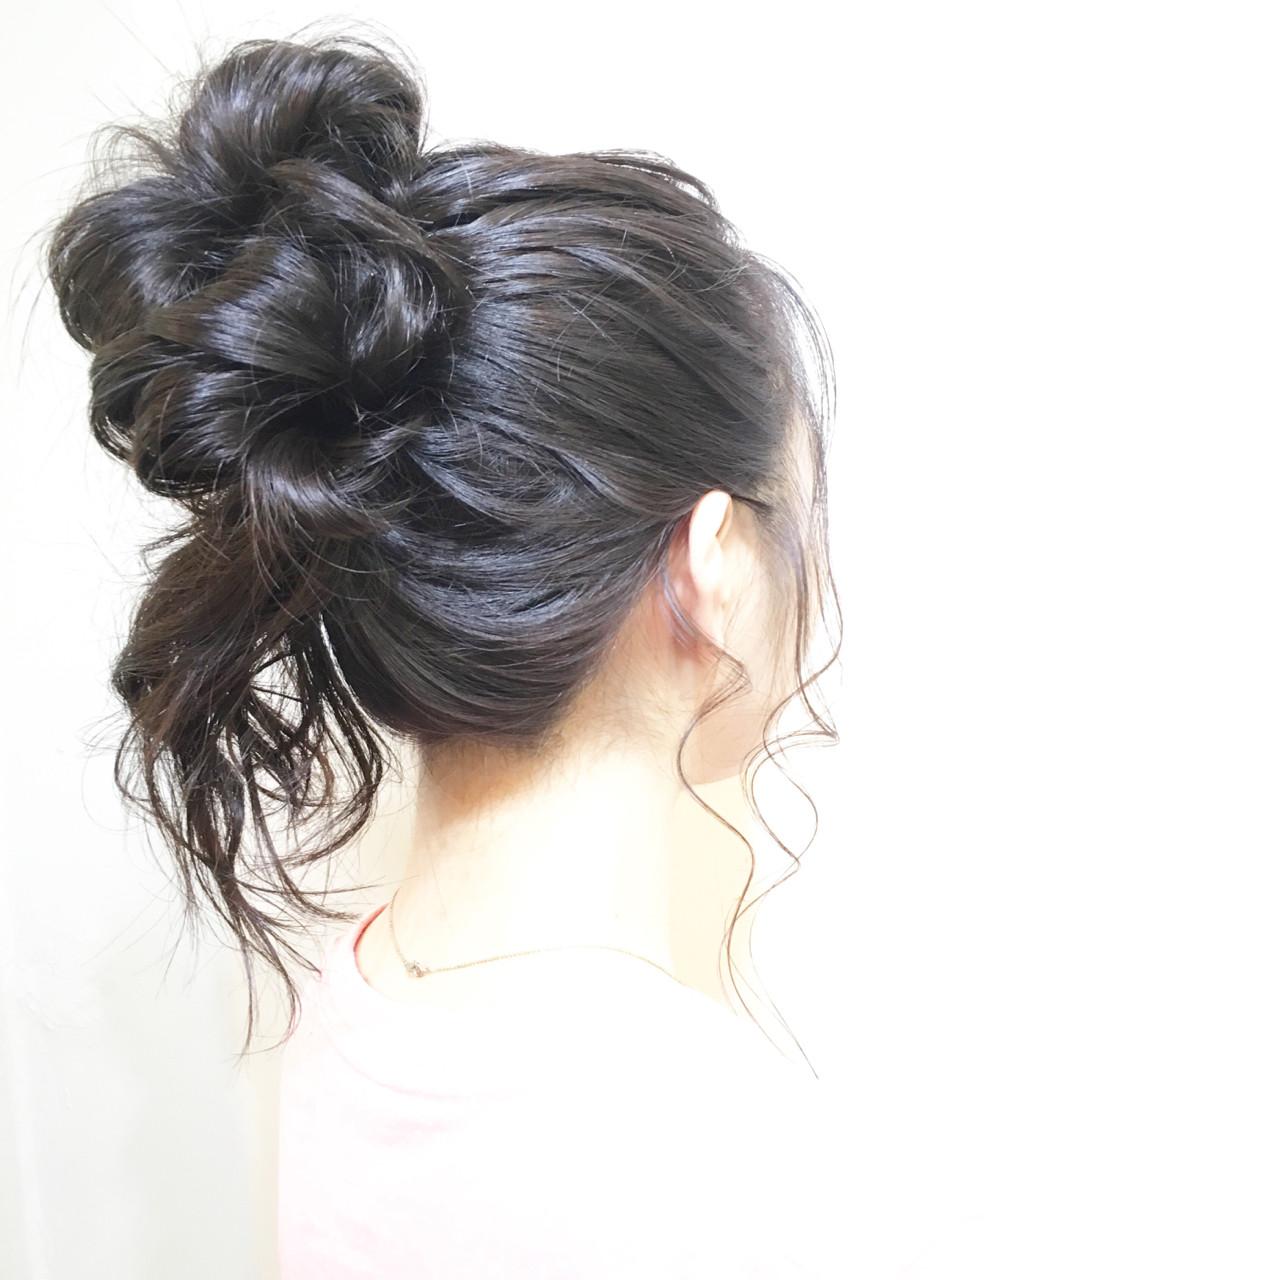 ショート 編み込み ミディアム ヘアアレンジ ヘアスタイルや髪型の写真・画像 | COM PASS タイチ / COM PASS